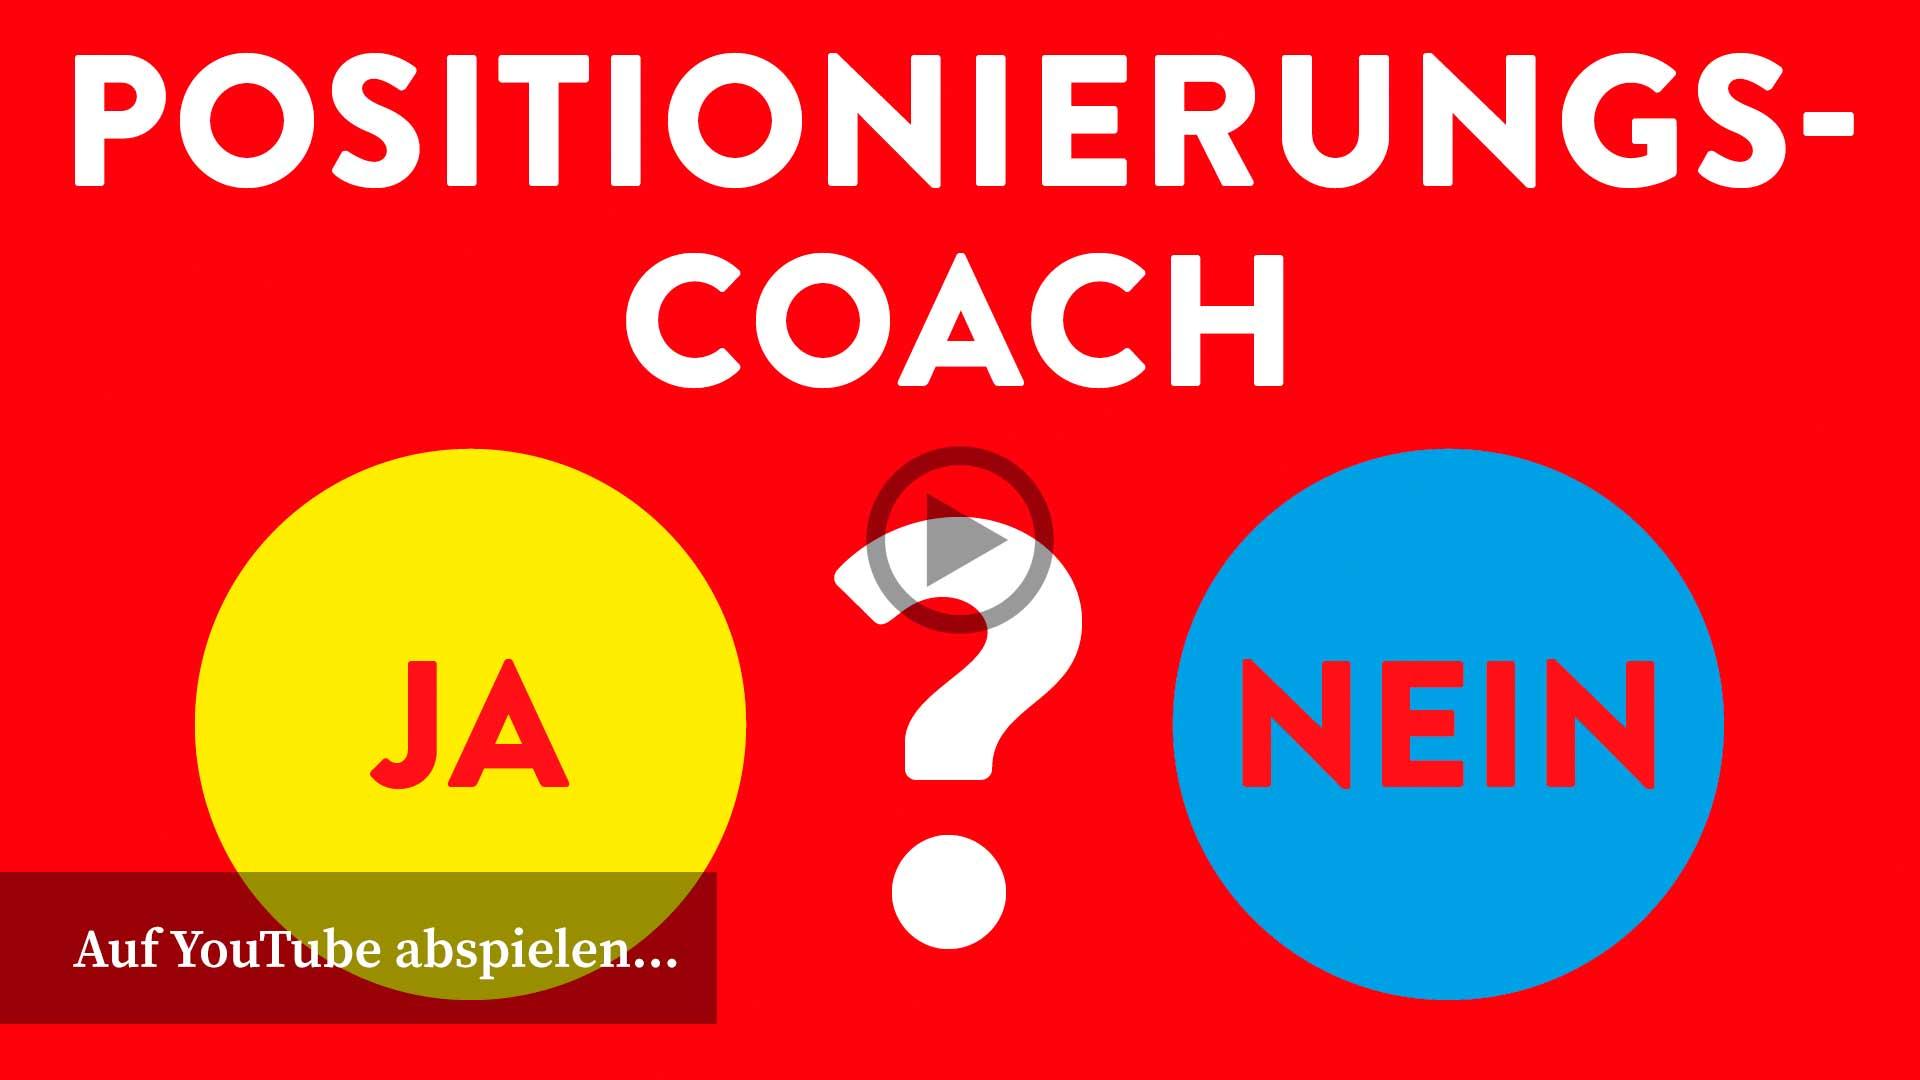 Brauchst Du einen Positionierungs-Coach? Video auf YouTube abspielen